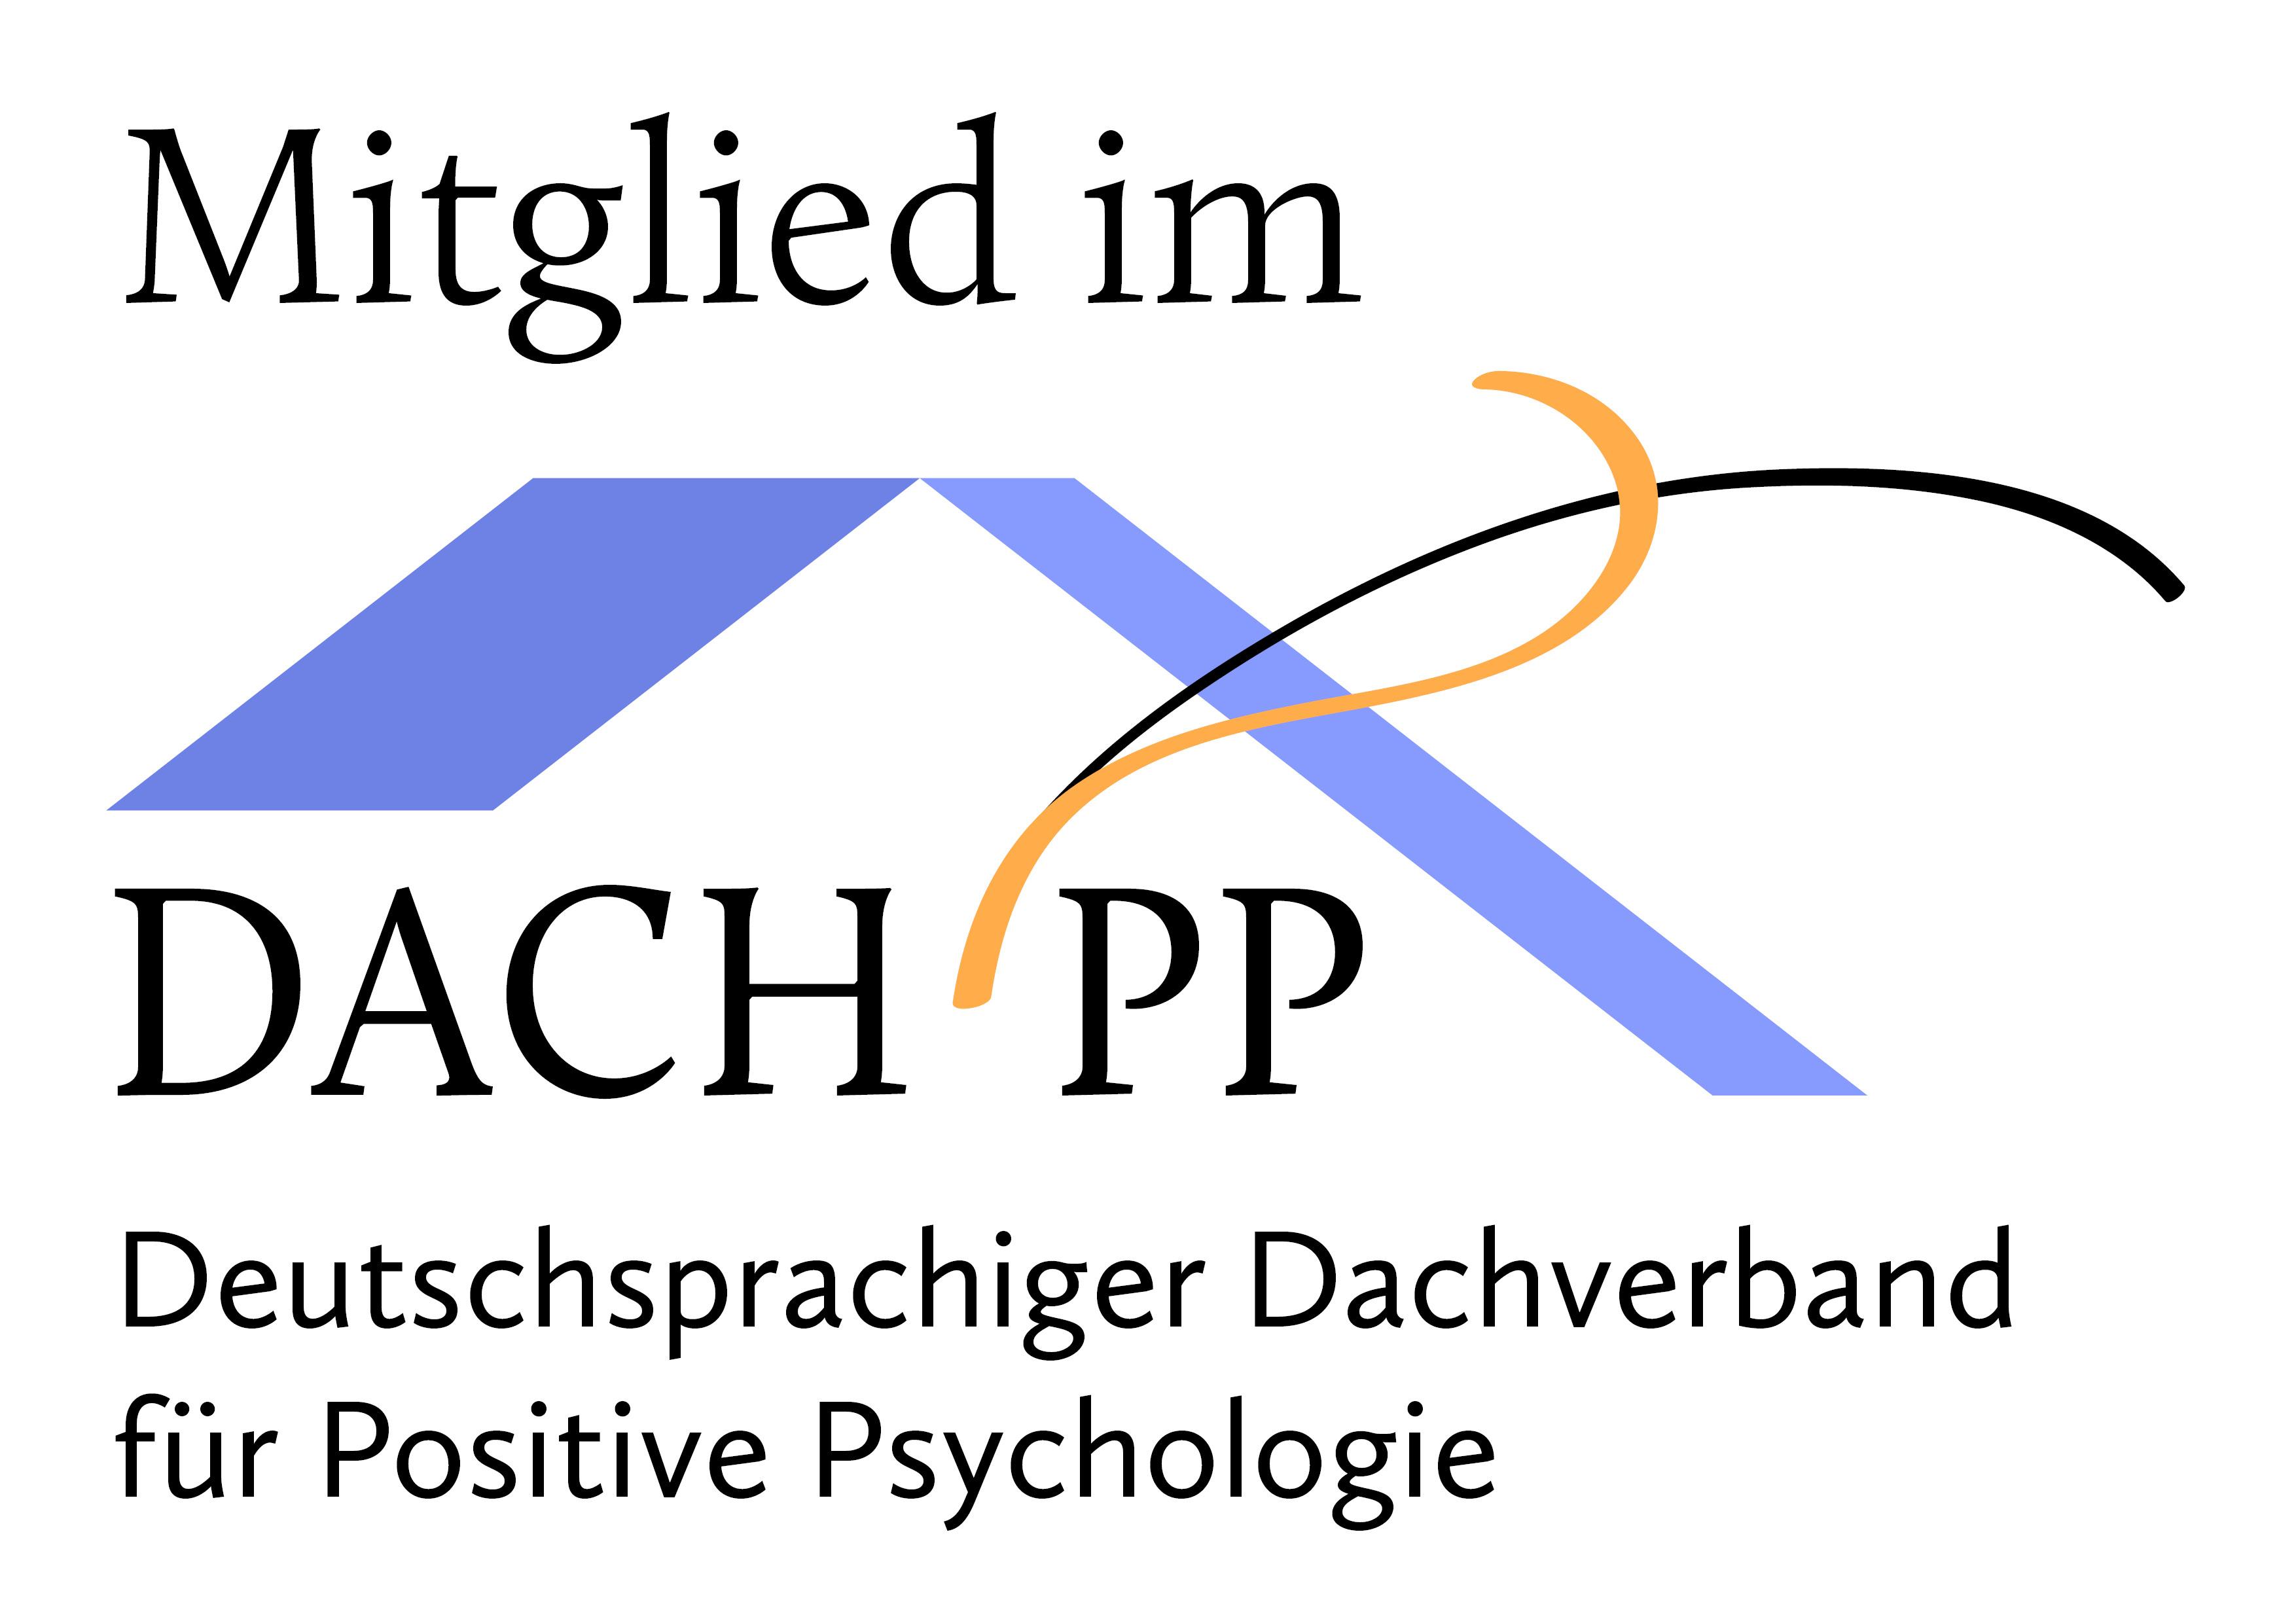 """Mitglied im """"Deutschsprachiger Dachverband für Positive Psychologie"""""""